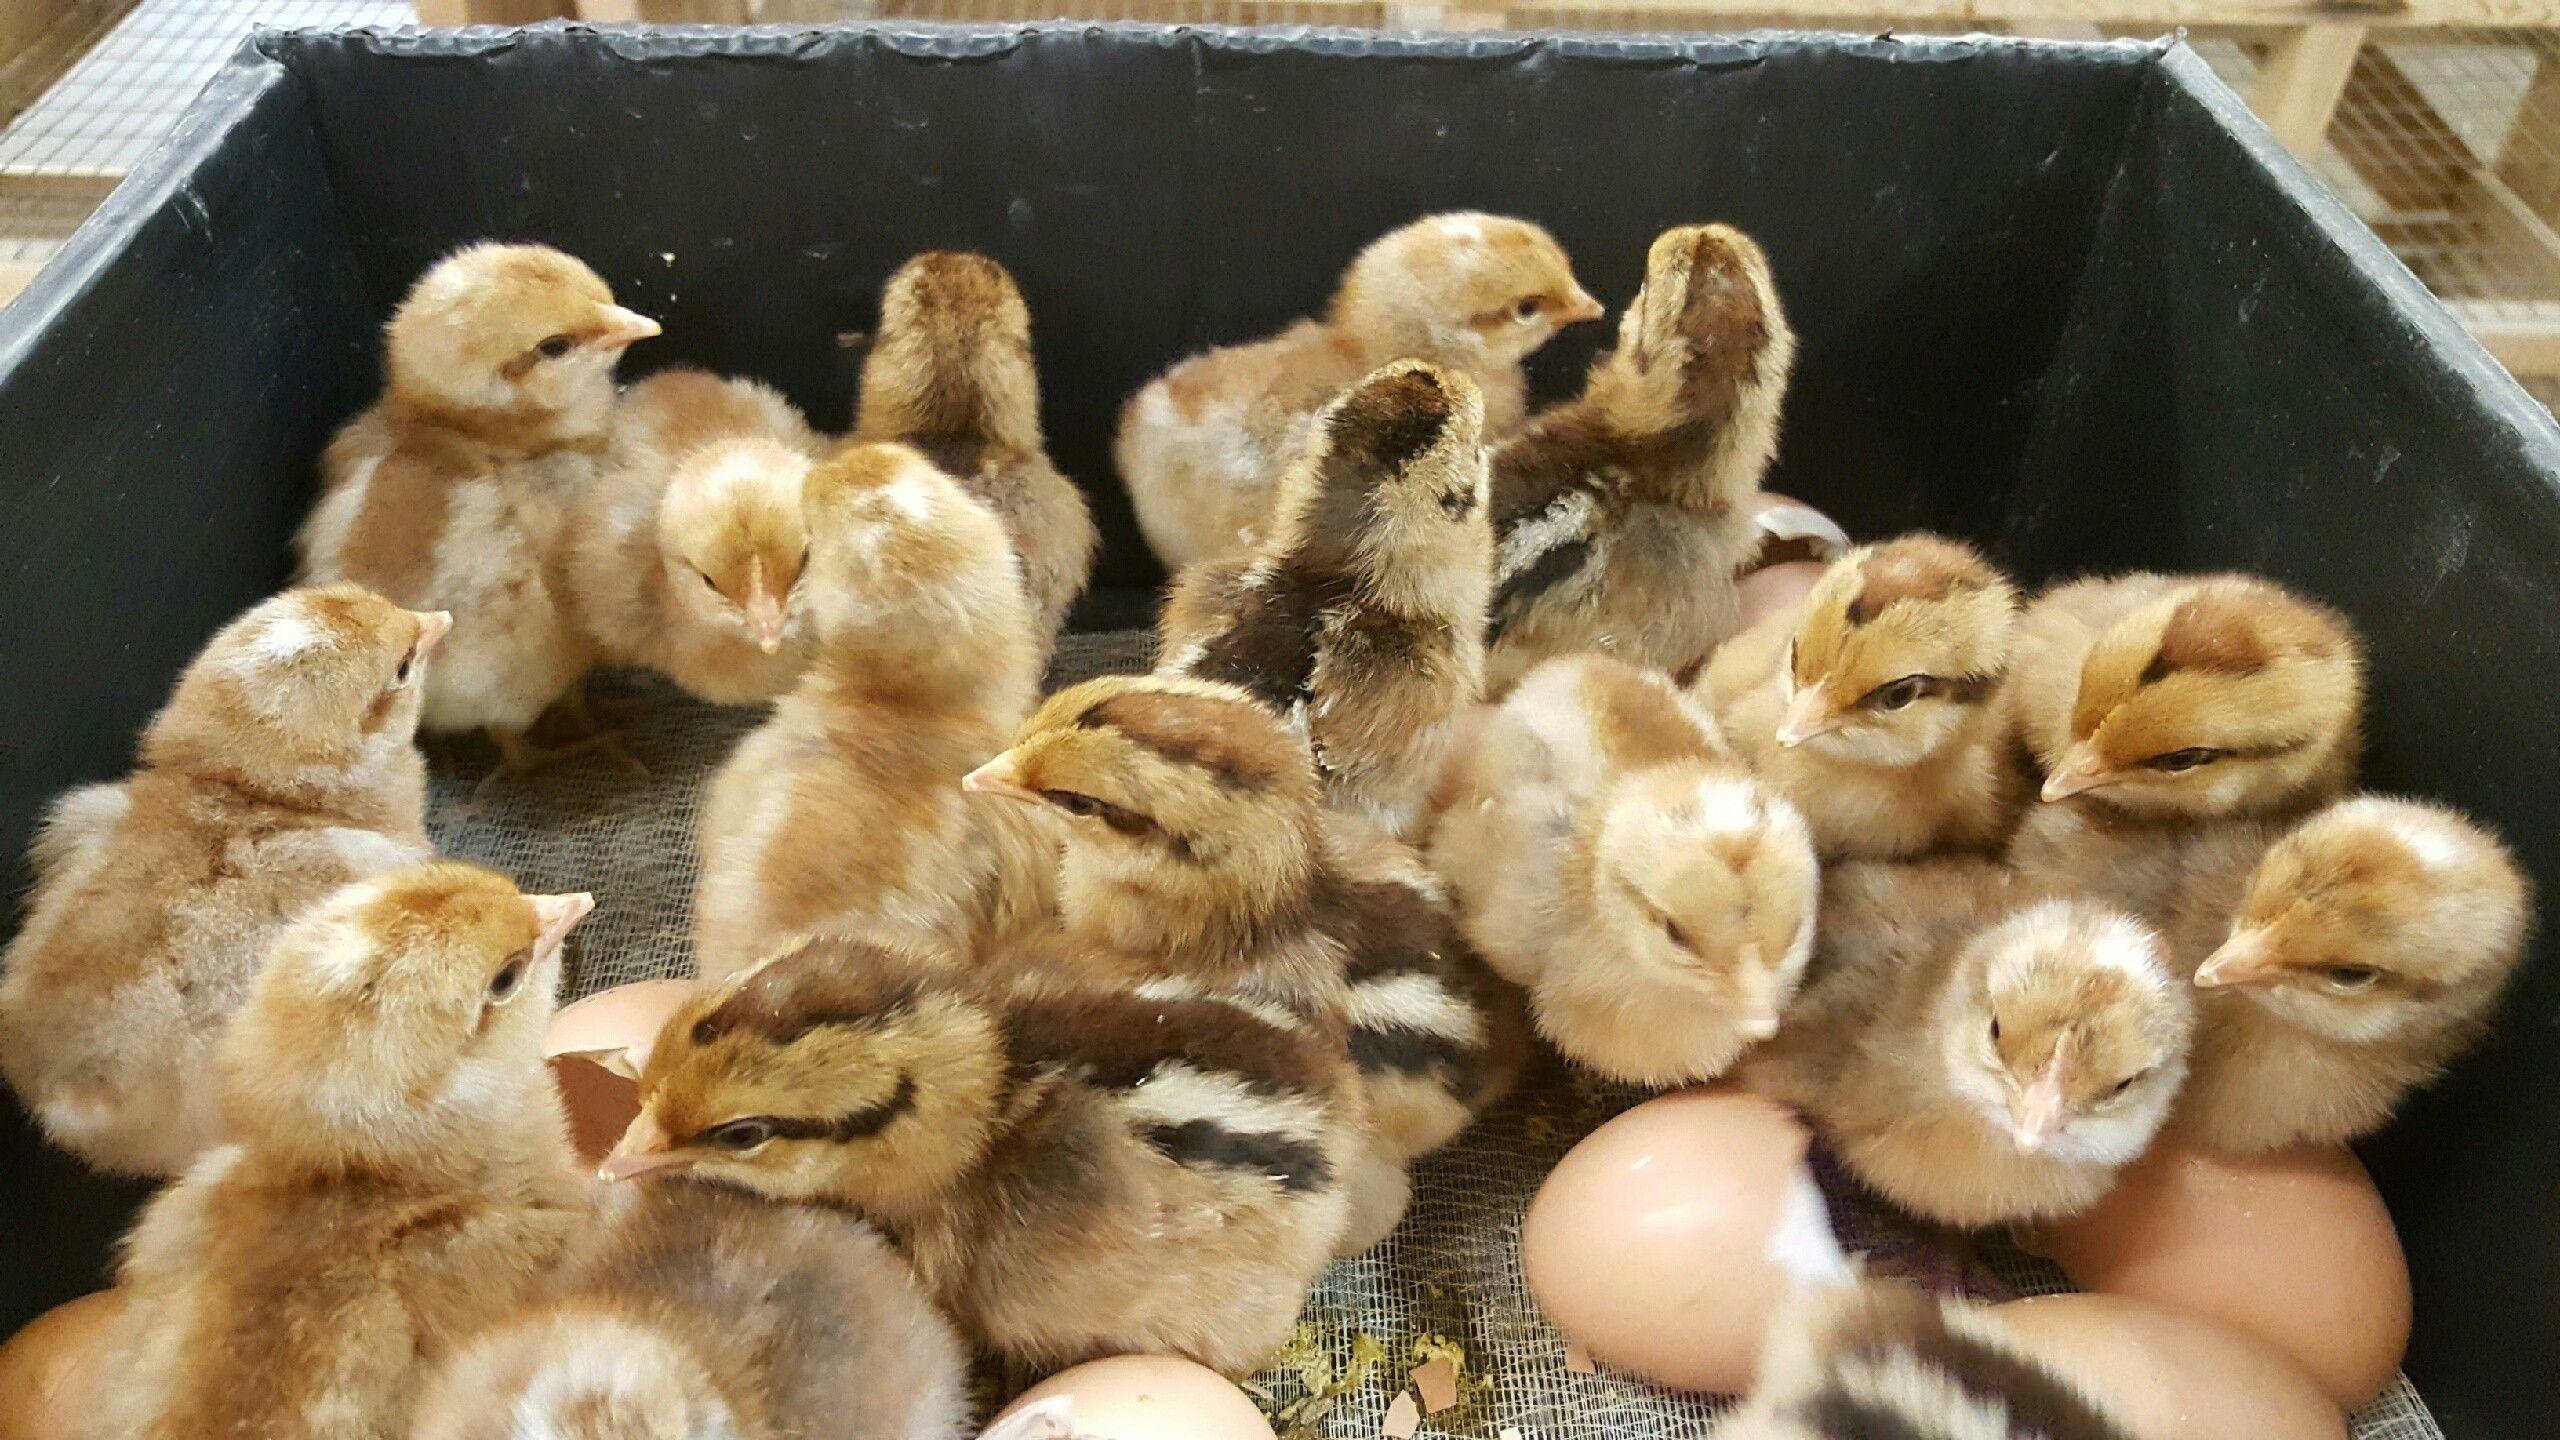 Bielefelder Chicken Chickens for sale, Baby chicks, Day